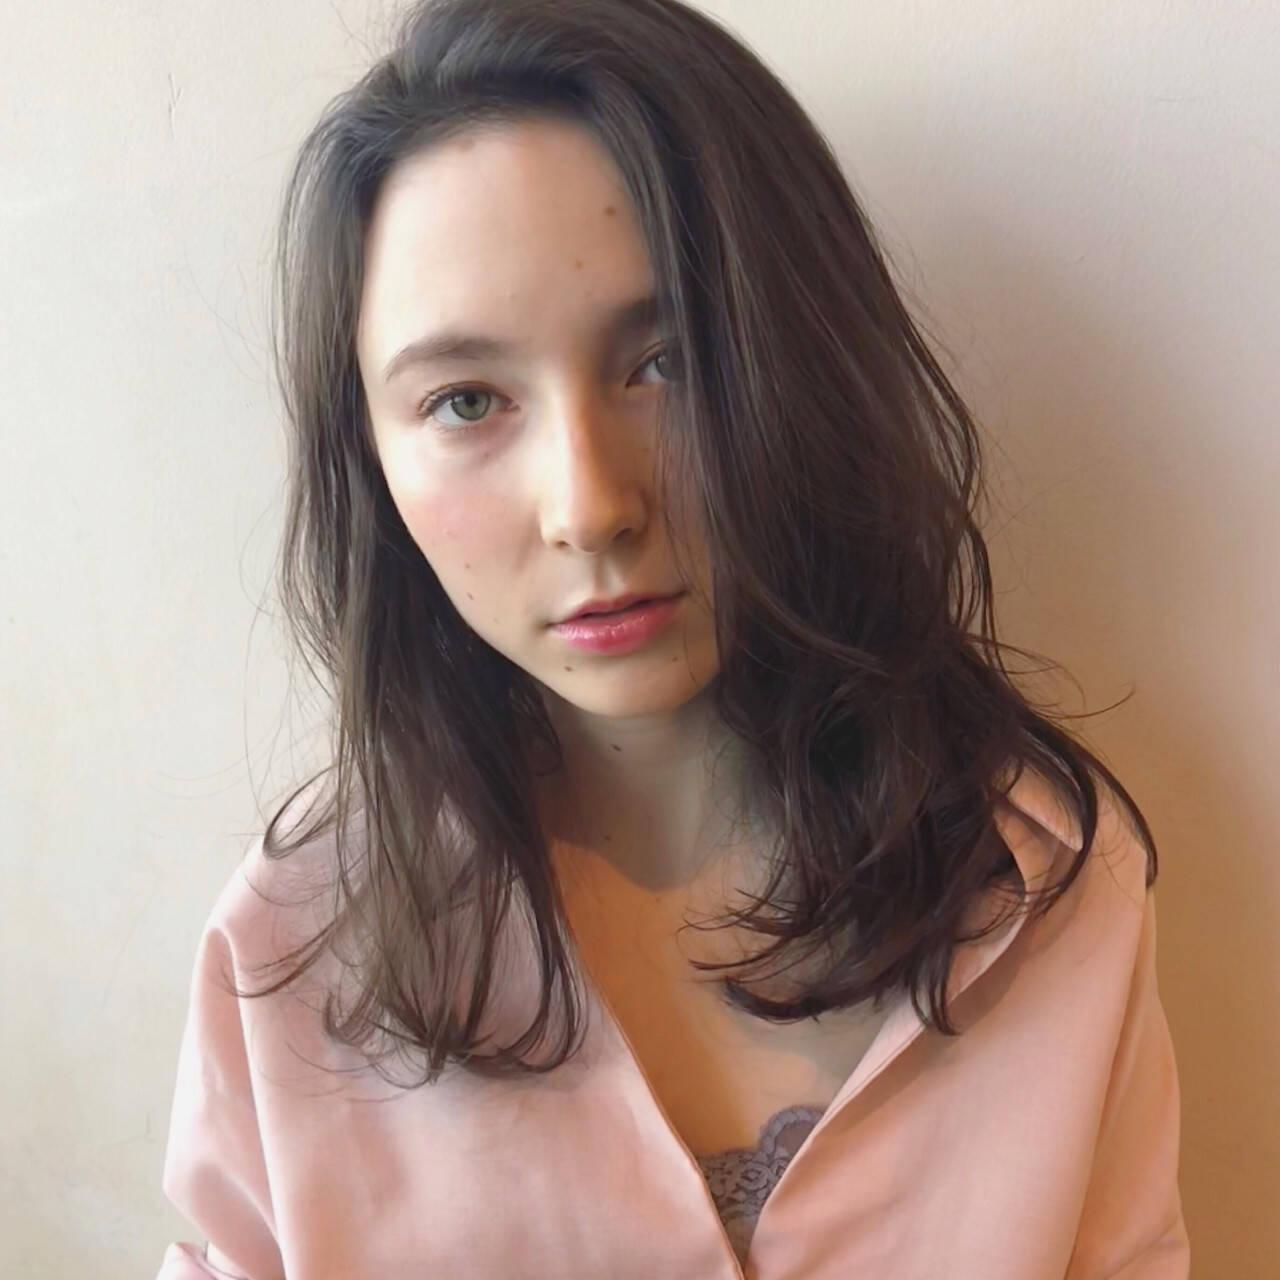 レイヤーカット 外国人風 セミロング 大人女子ヘアスタイルや髪型の写真・画像